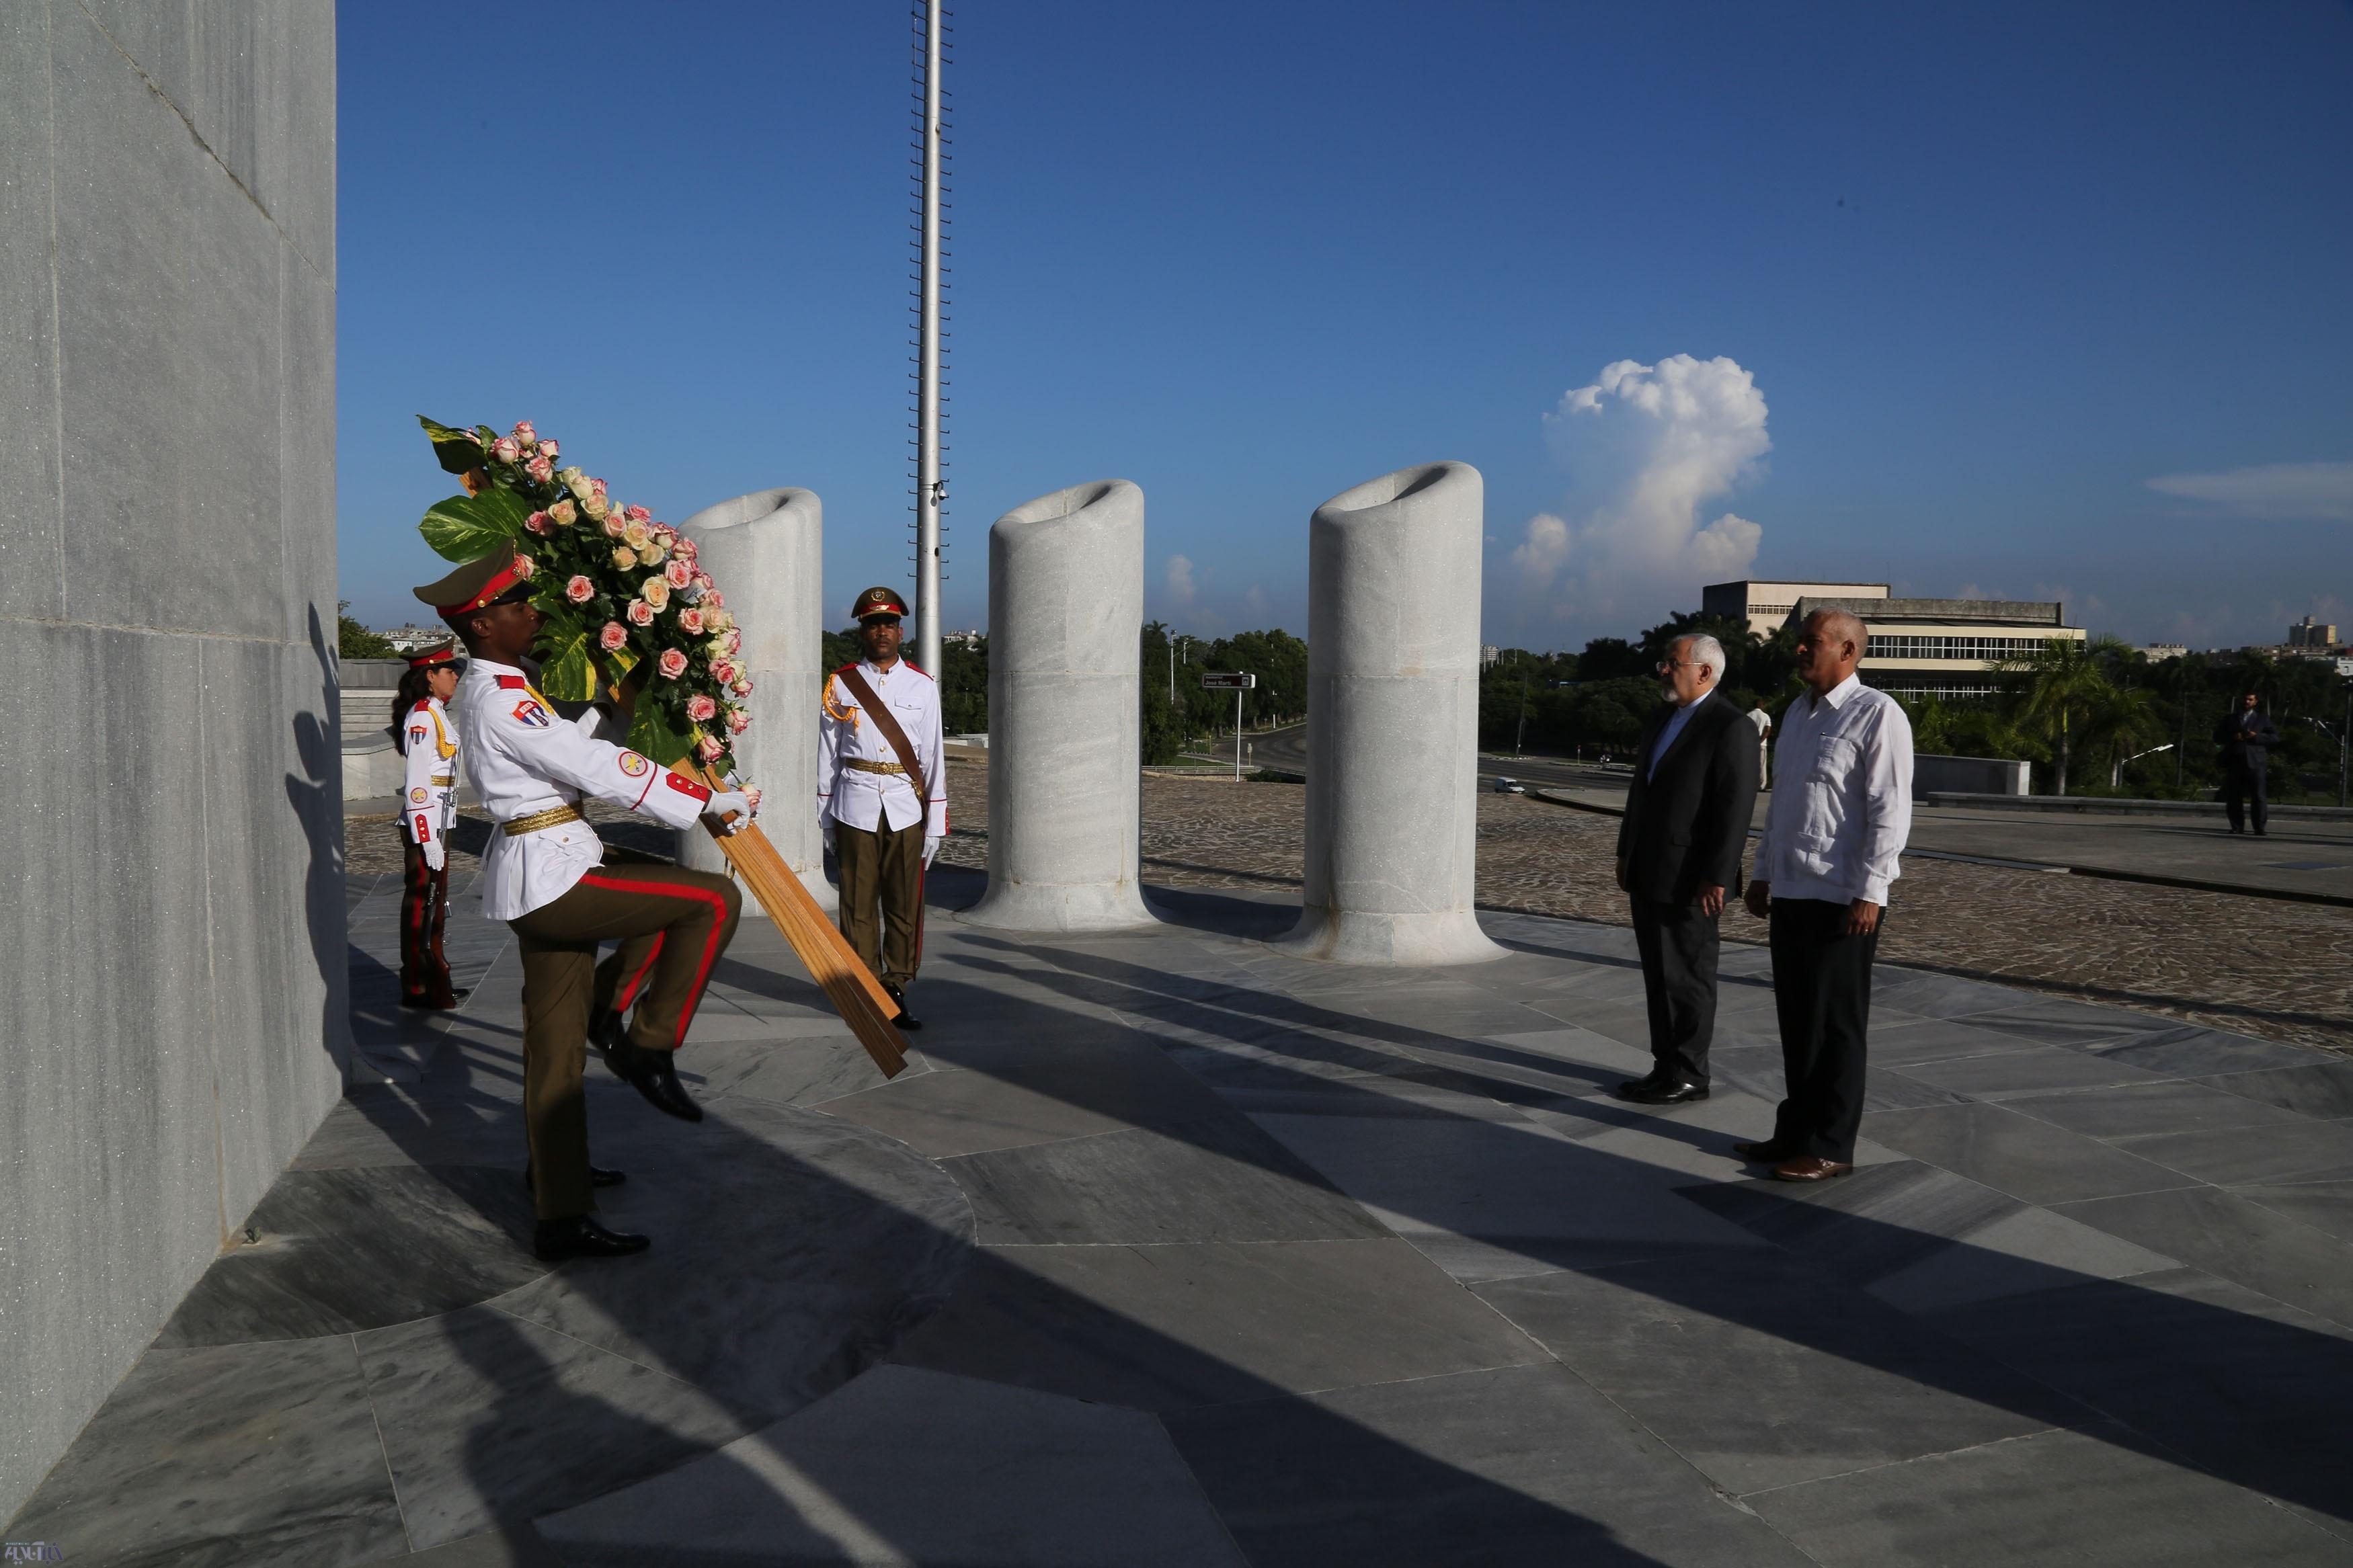 تصاویر | دیدارهای مختلف ظریف در سفر به کوبا